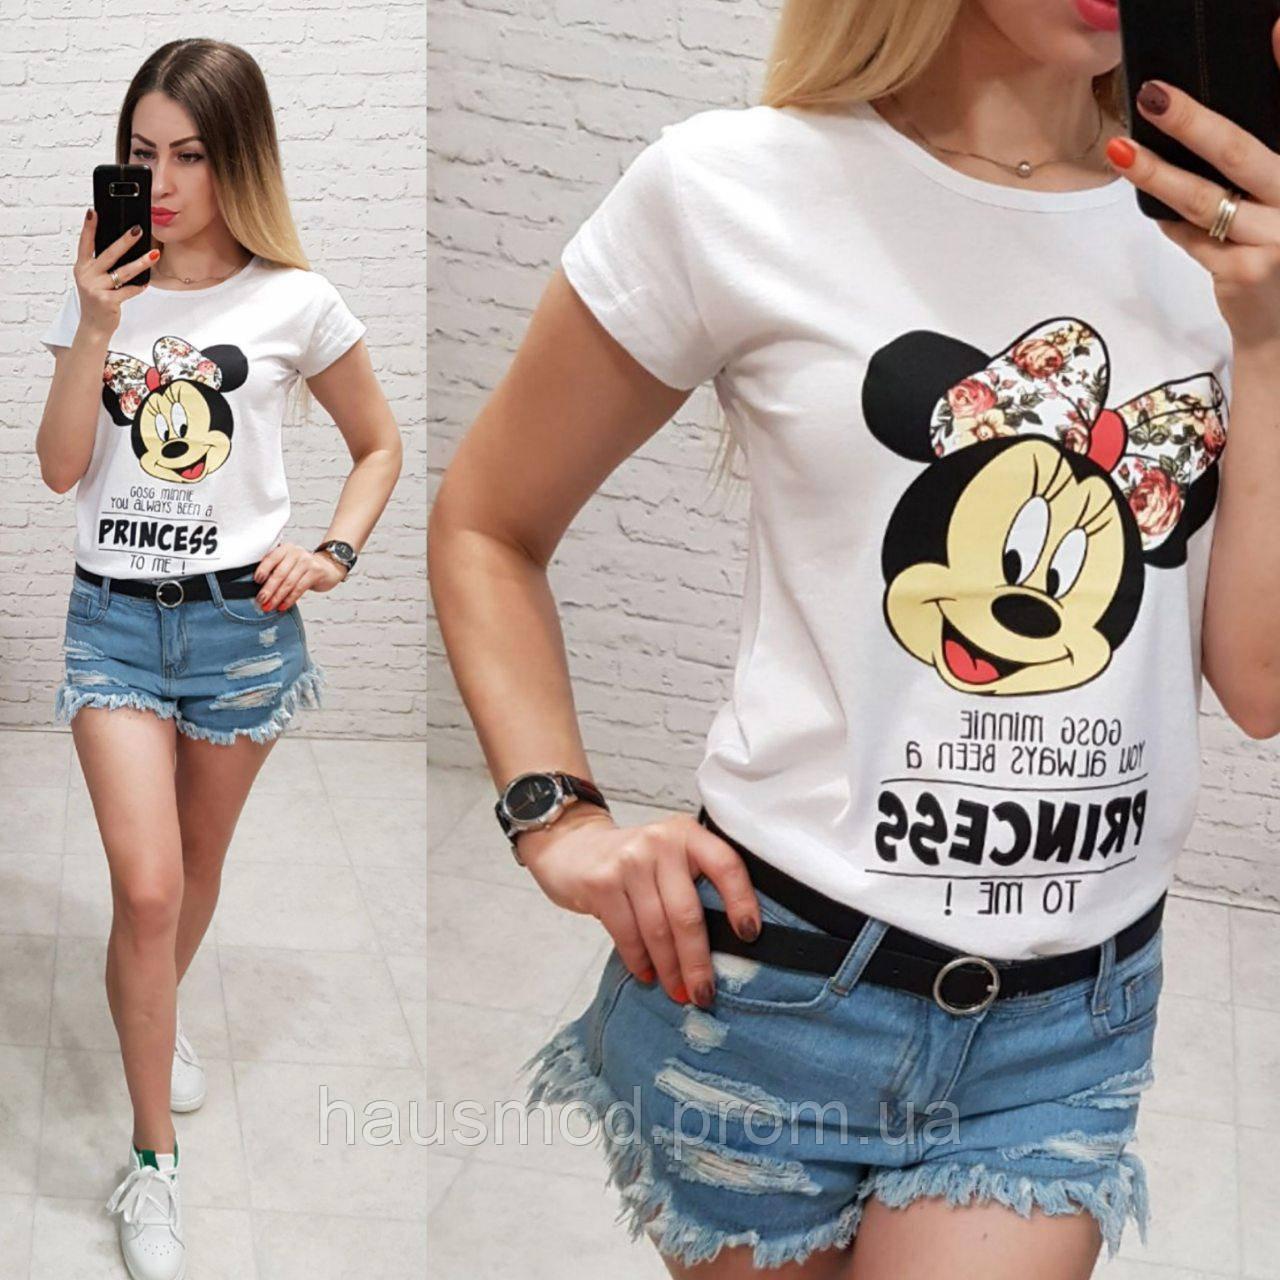 Женская футболка летняя рисунок Princess качество турция 100% катон цвет белый